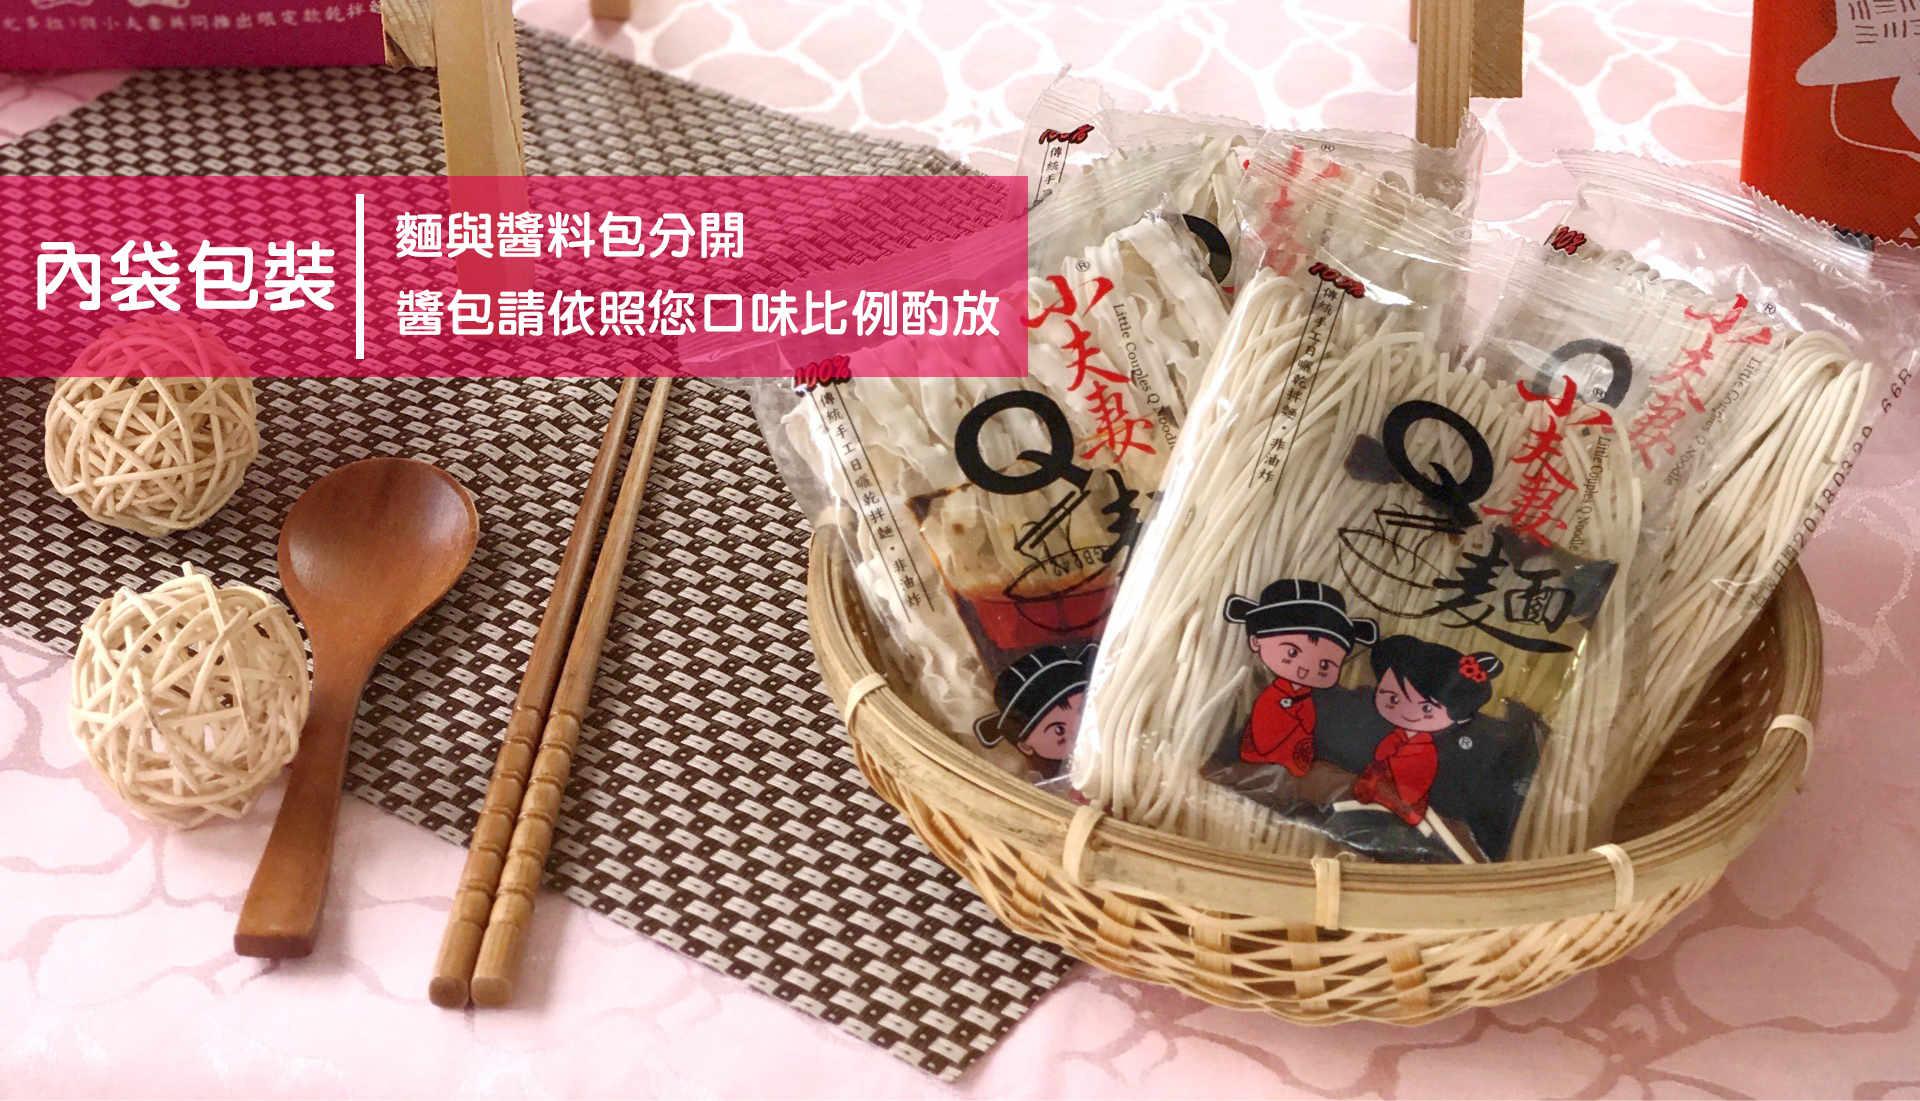 小夫妻拌麵-拌麵典藏分享禮盒組(內袋)